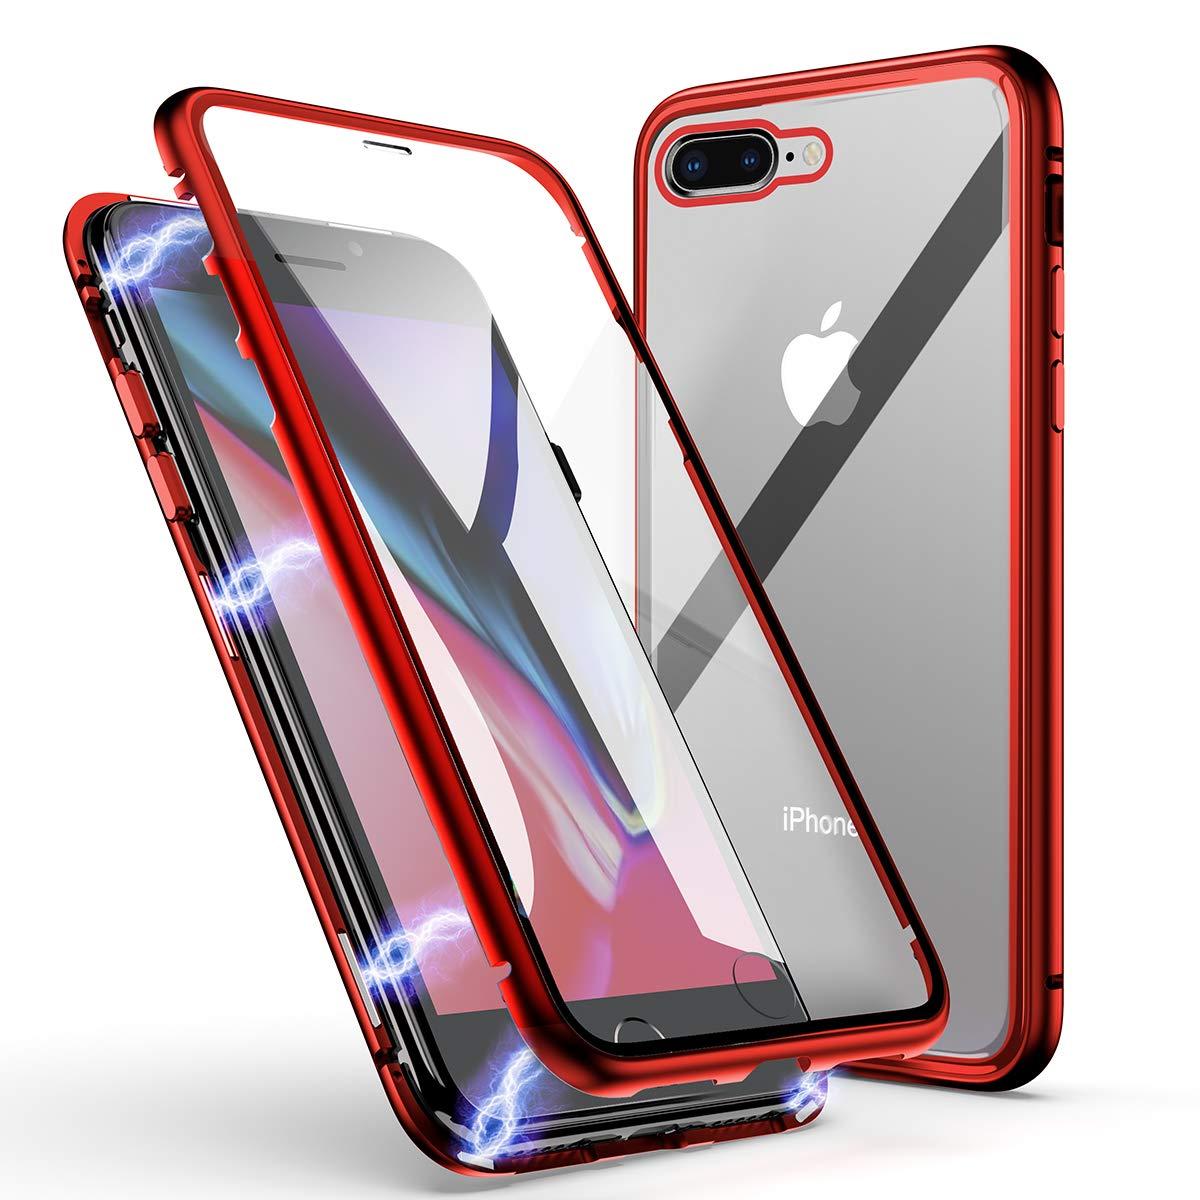 Coque iPhone 7 Plus/8 Plus, ZHIKE Coque Adsorption Magnétique Avant et Arrière Verre Trempé Couverture Plein écran Couverture à Rabat Design en Une Pièce pour Apple iPhone 7 Plus/8 Plus (Rouge Clair)